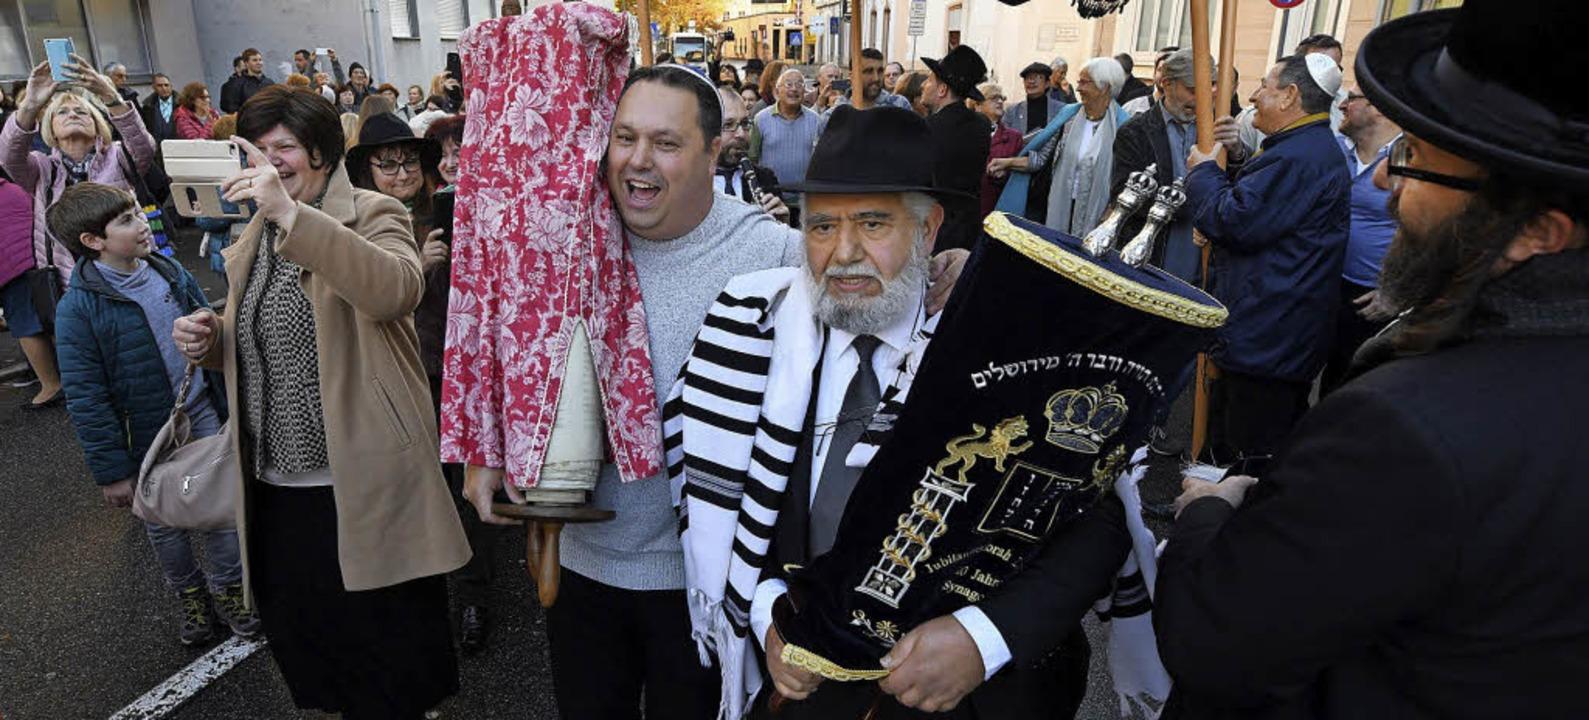 Nach dem Festakt im Davidsaal wurde di... die Straße in die Synagoge gebracht.   | Foto: Juri Junkov